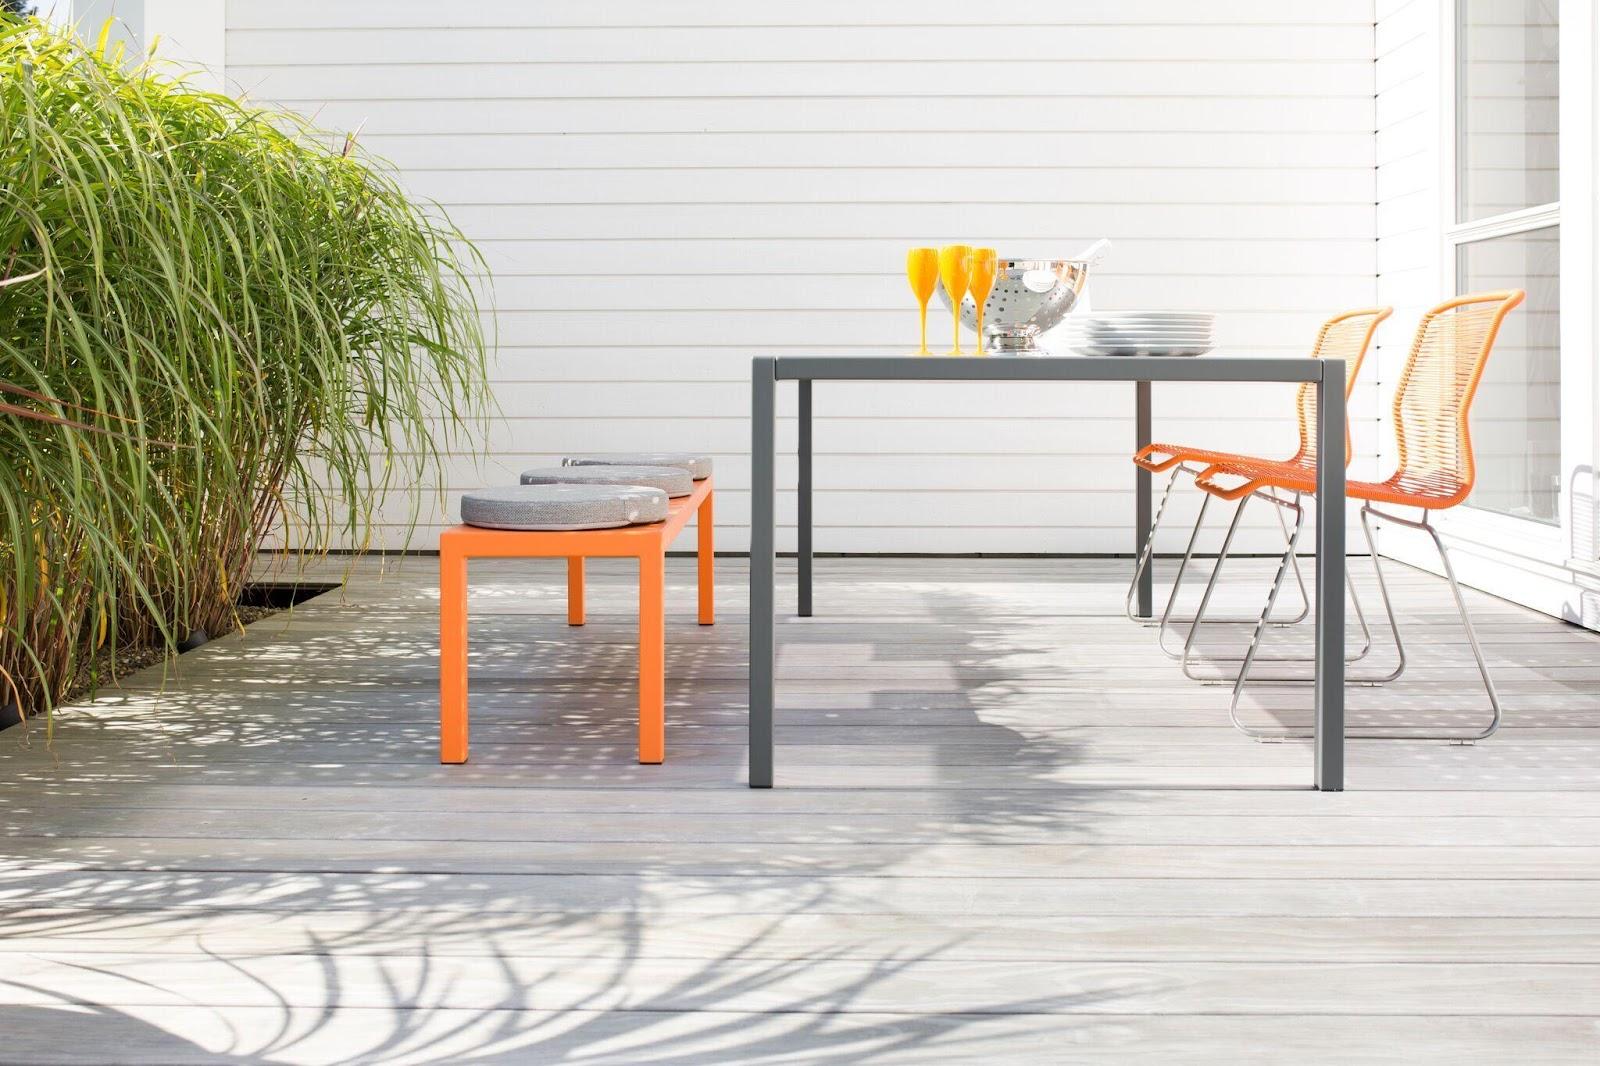 Terrass med färgglada tyger och inredningsdetaljer